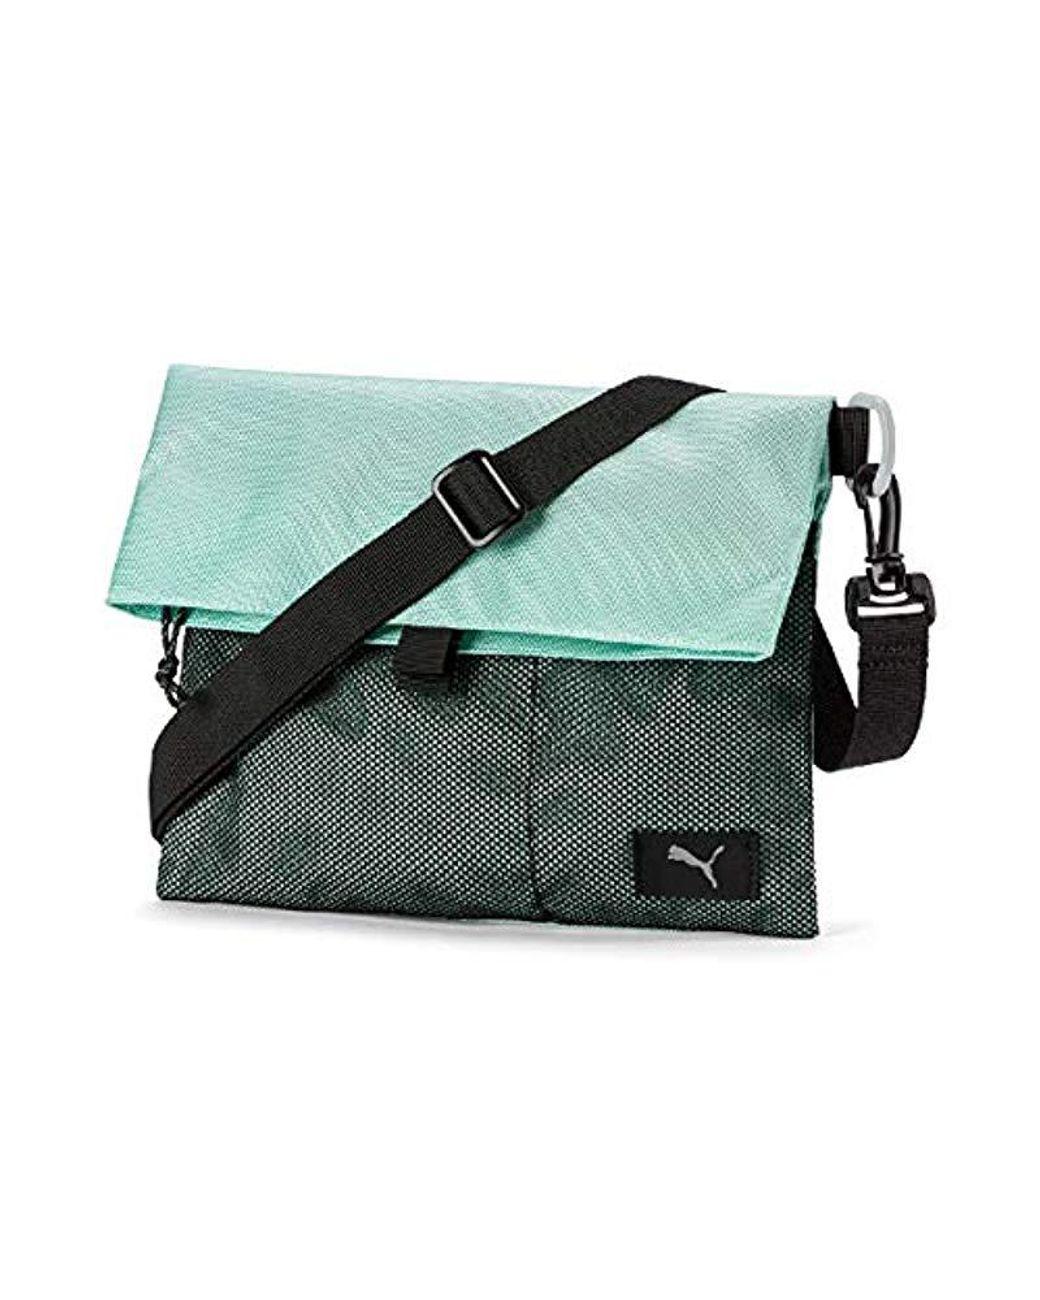 PUMA Forever Carry Sack Black Grey Back Pack Messenger Bag Bike Bicycle Shoulder